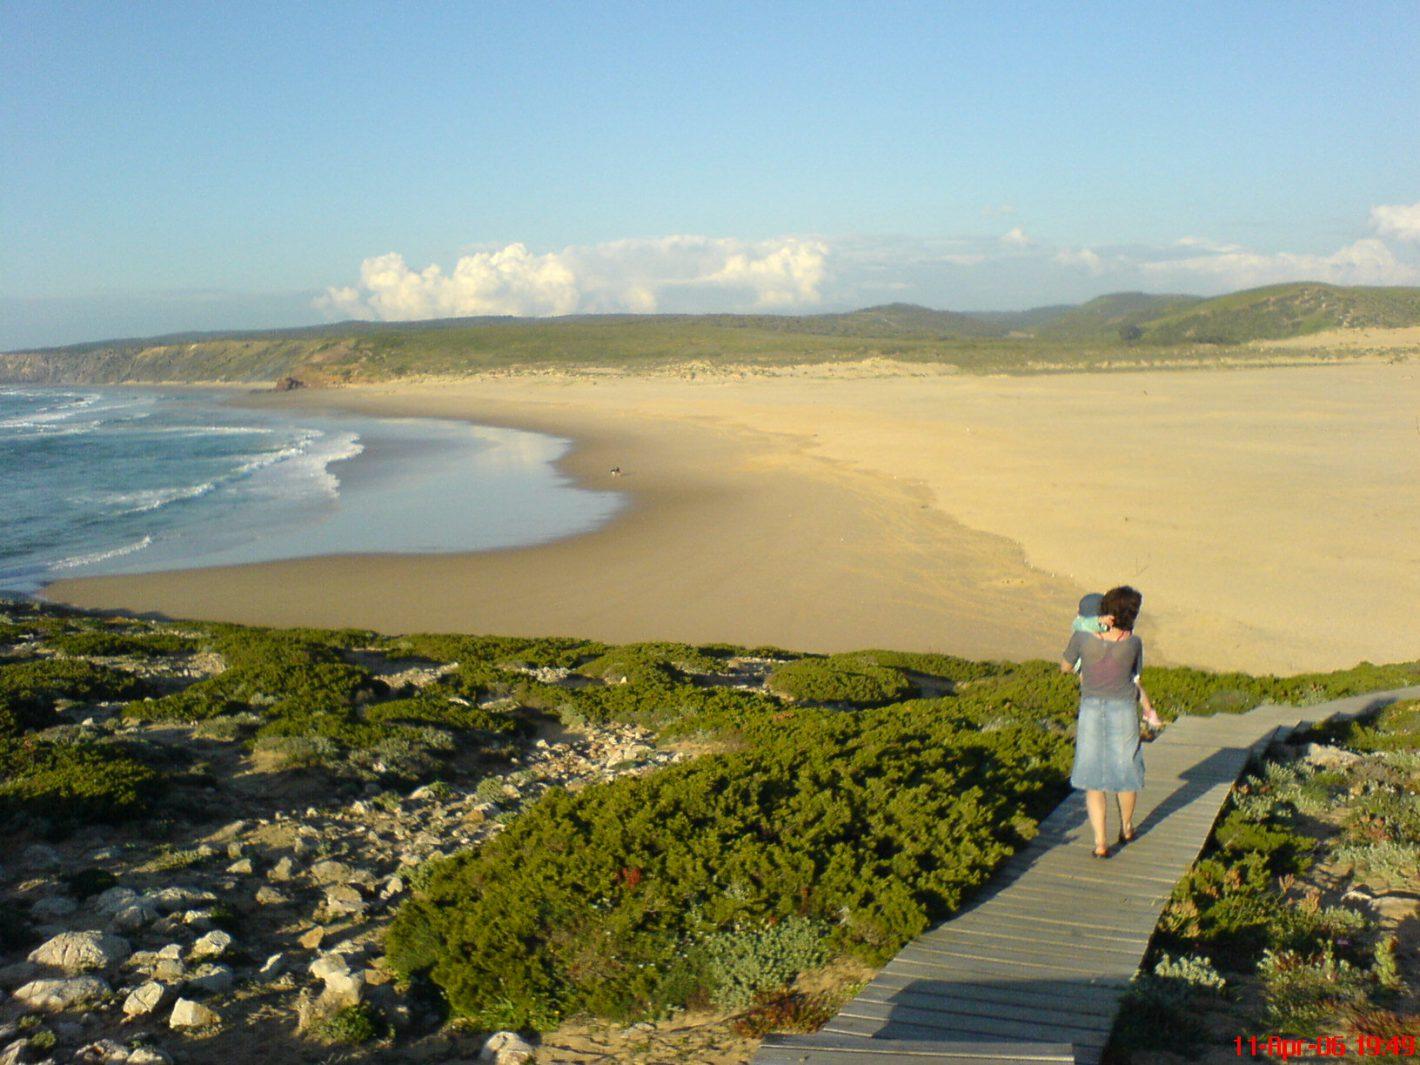 Sehnsuchtsort_an_der_Atlantikküste